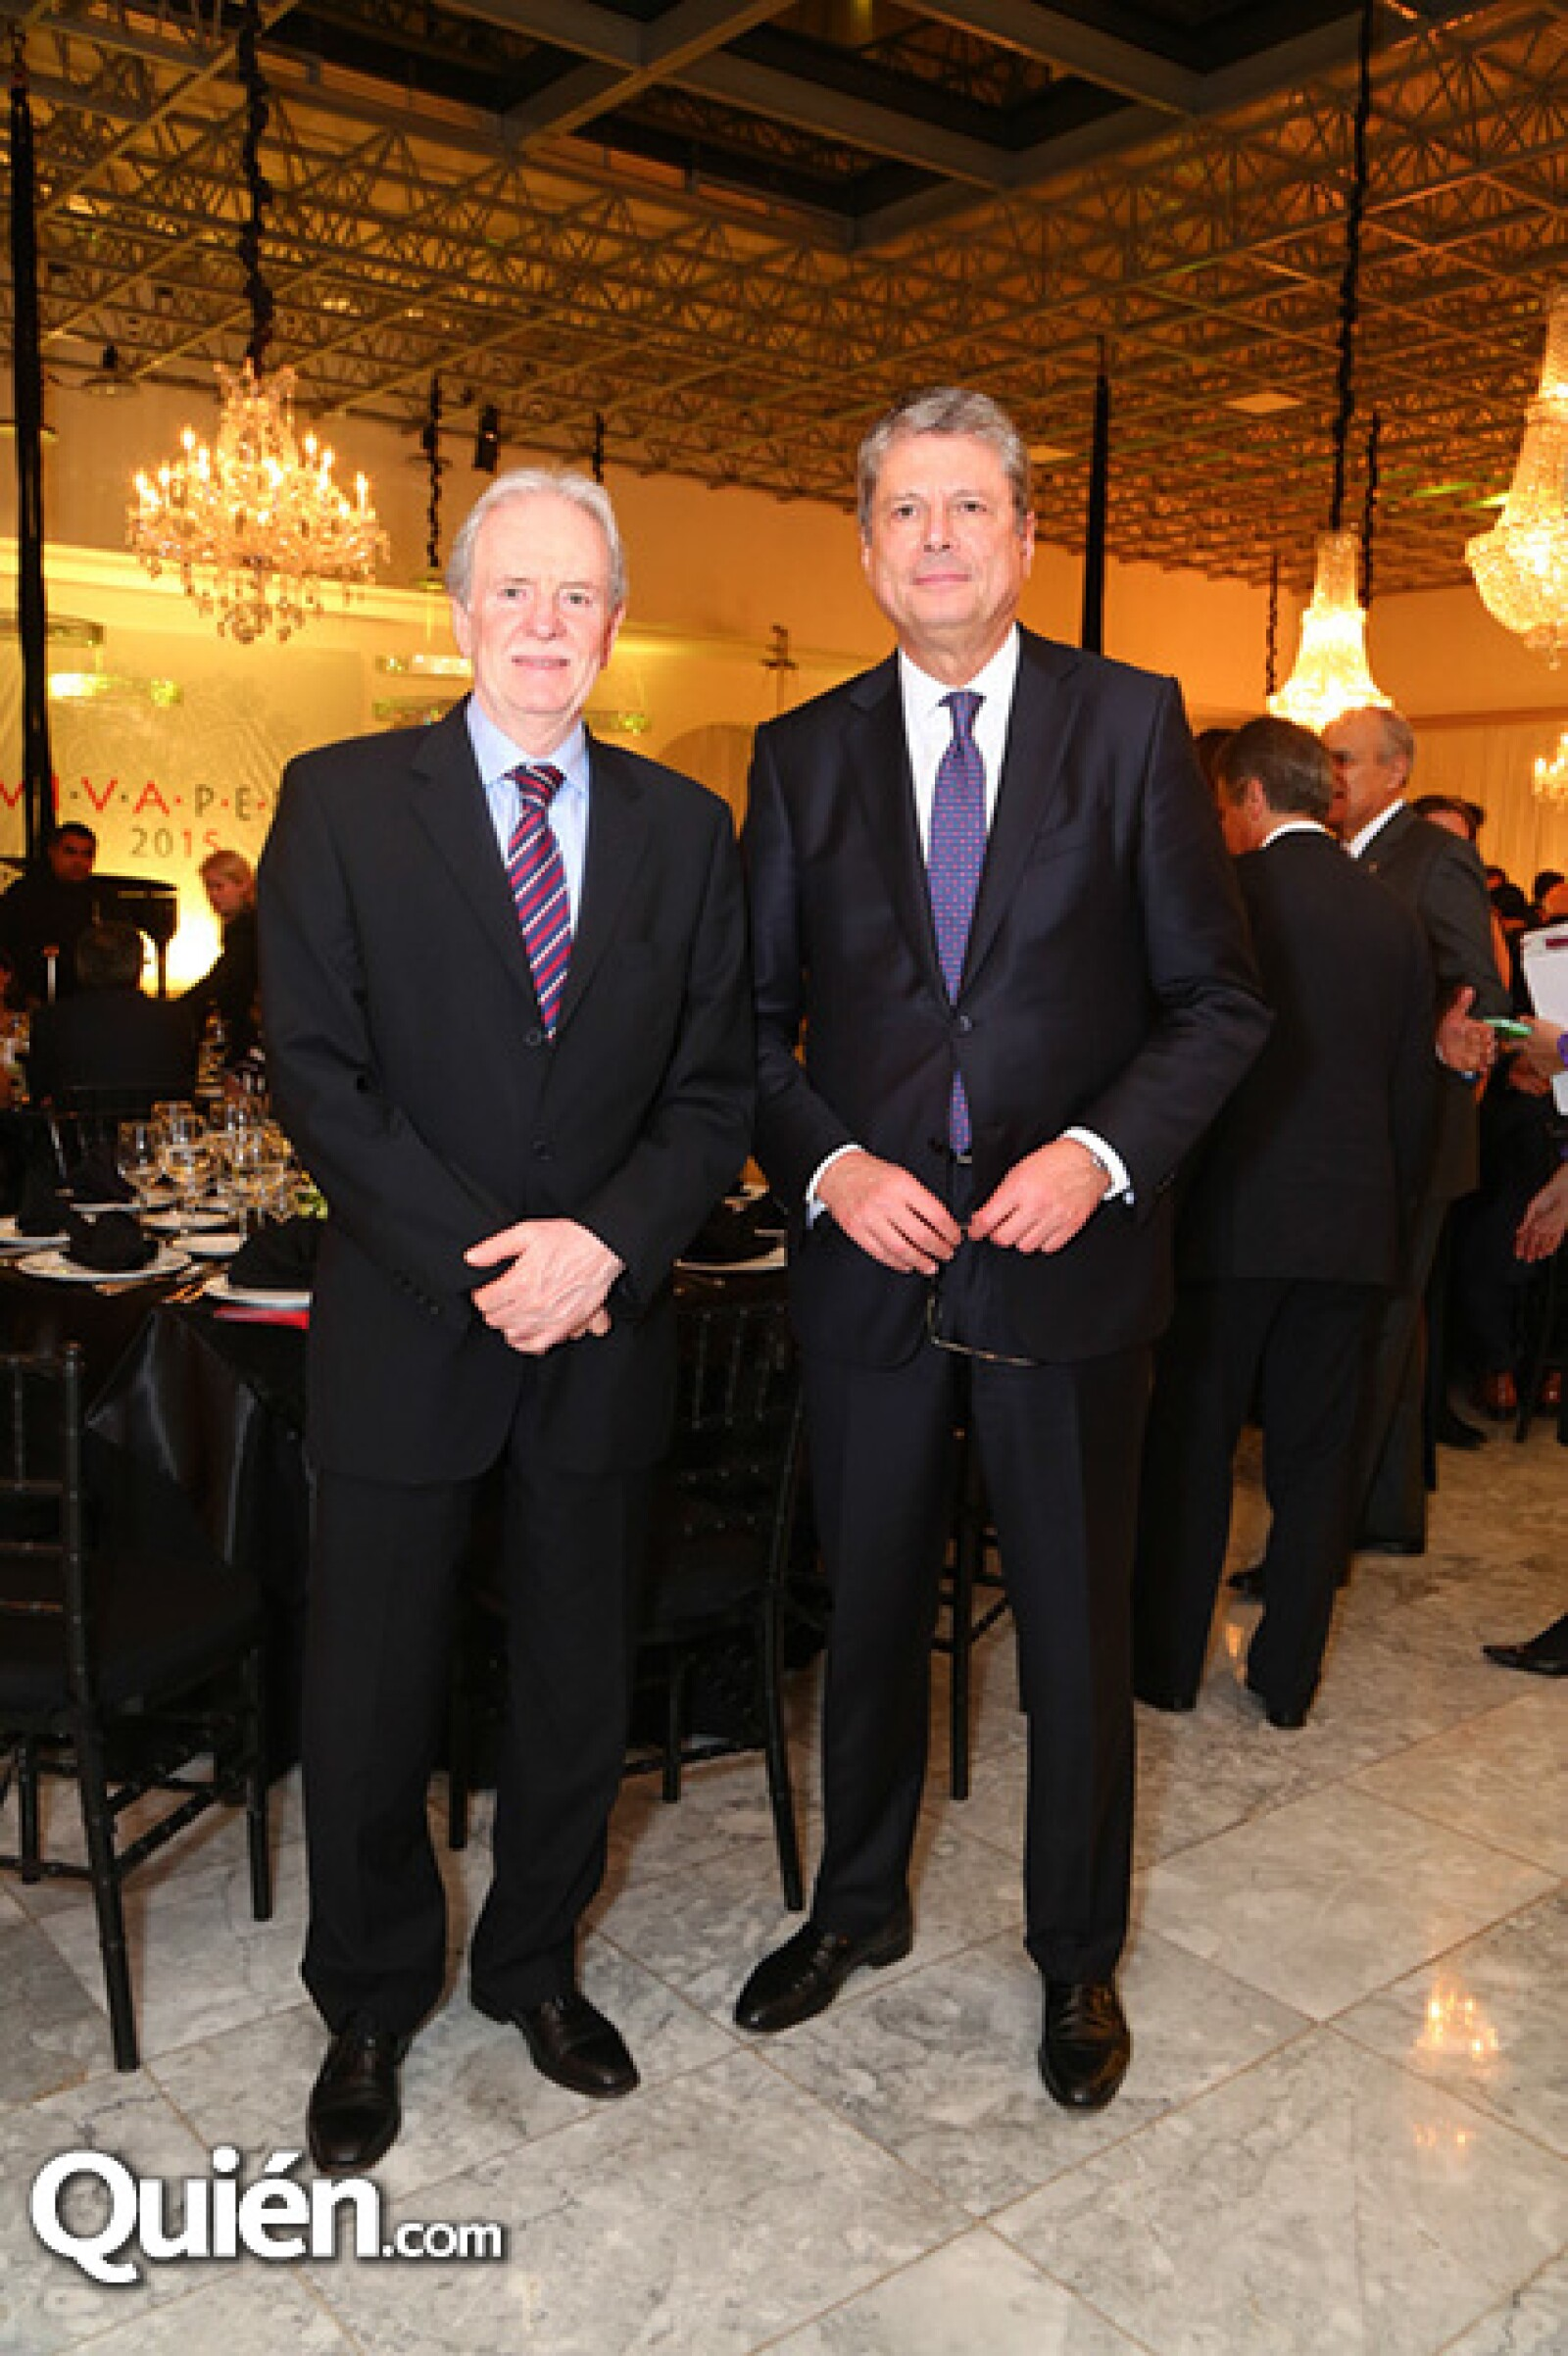 Pál Varga Koritar, Embajador de Hungría, y Alessandro Busacca, Embajador de Italia